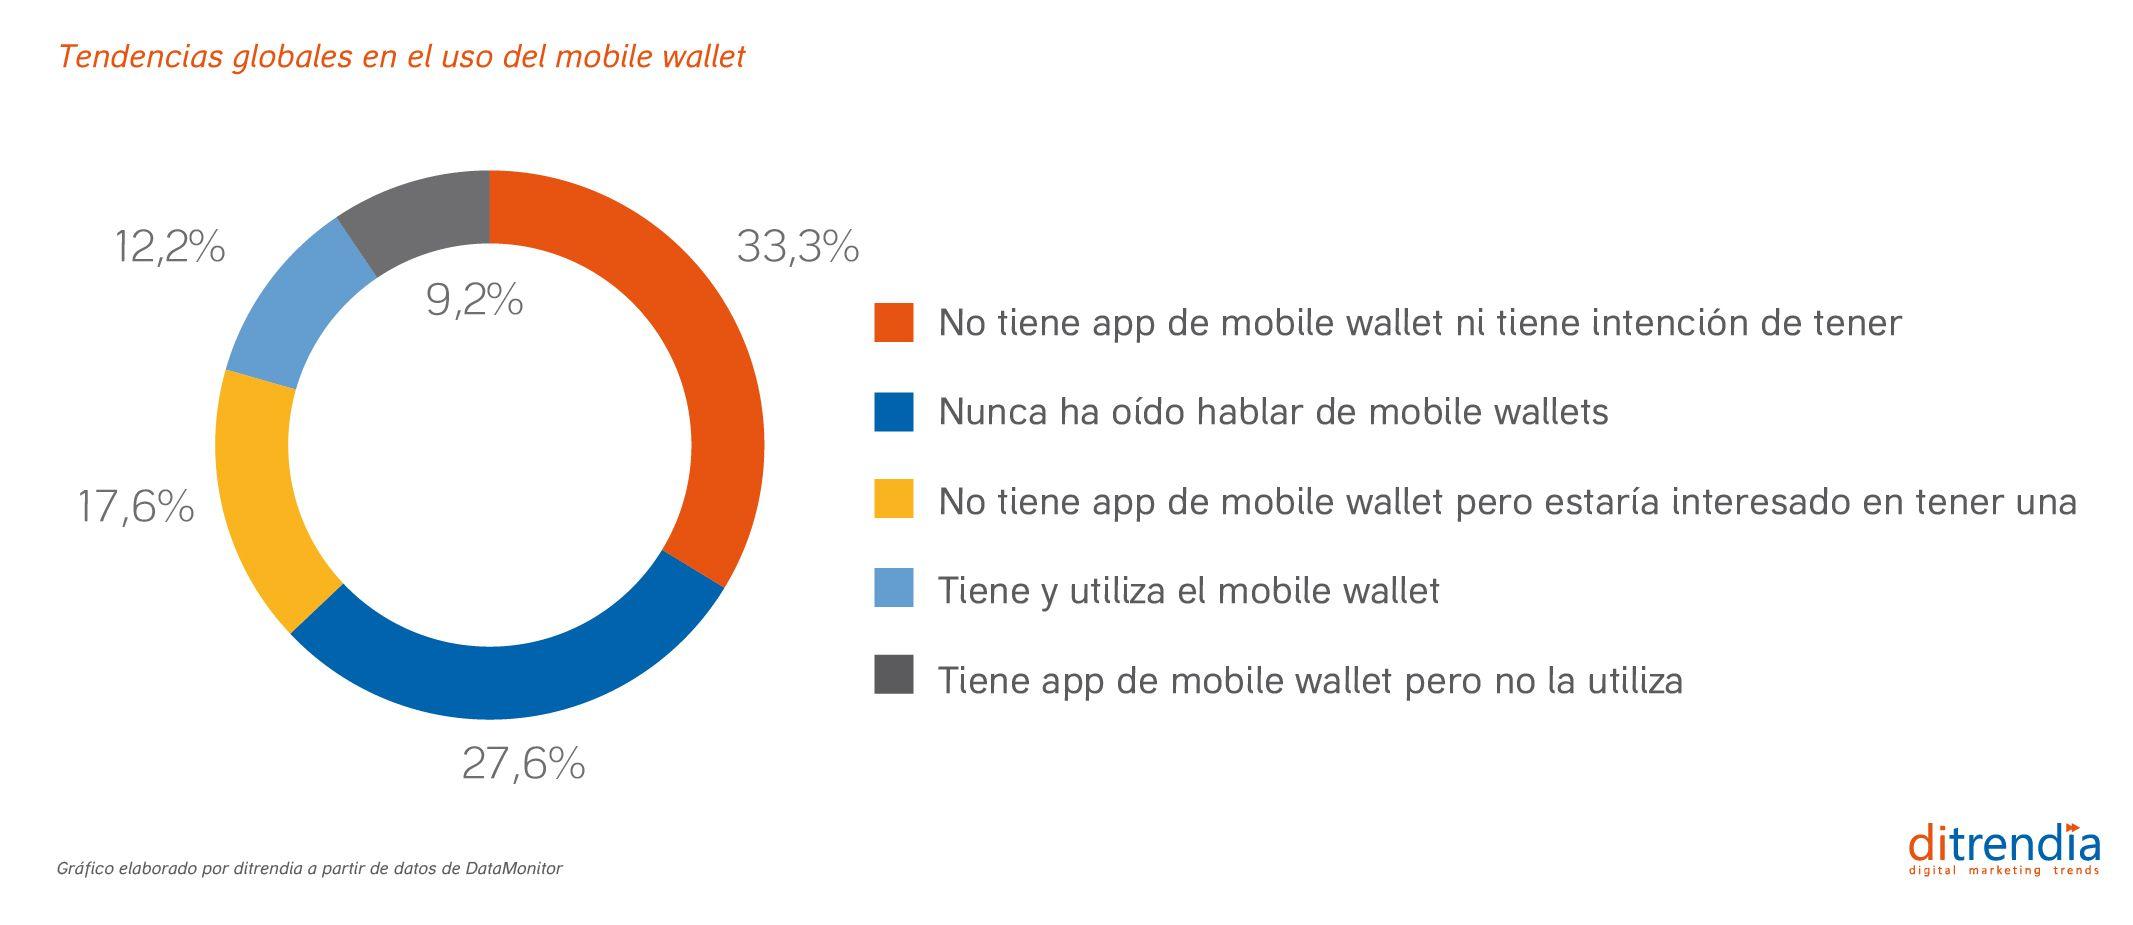 Tendencias globales del uso de mobile wallet